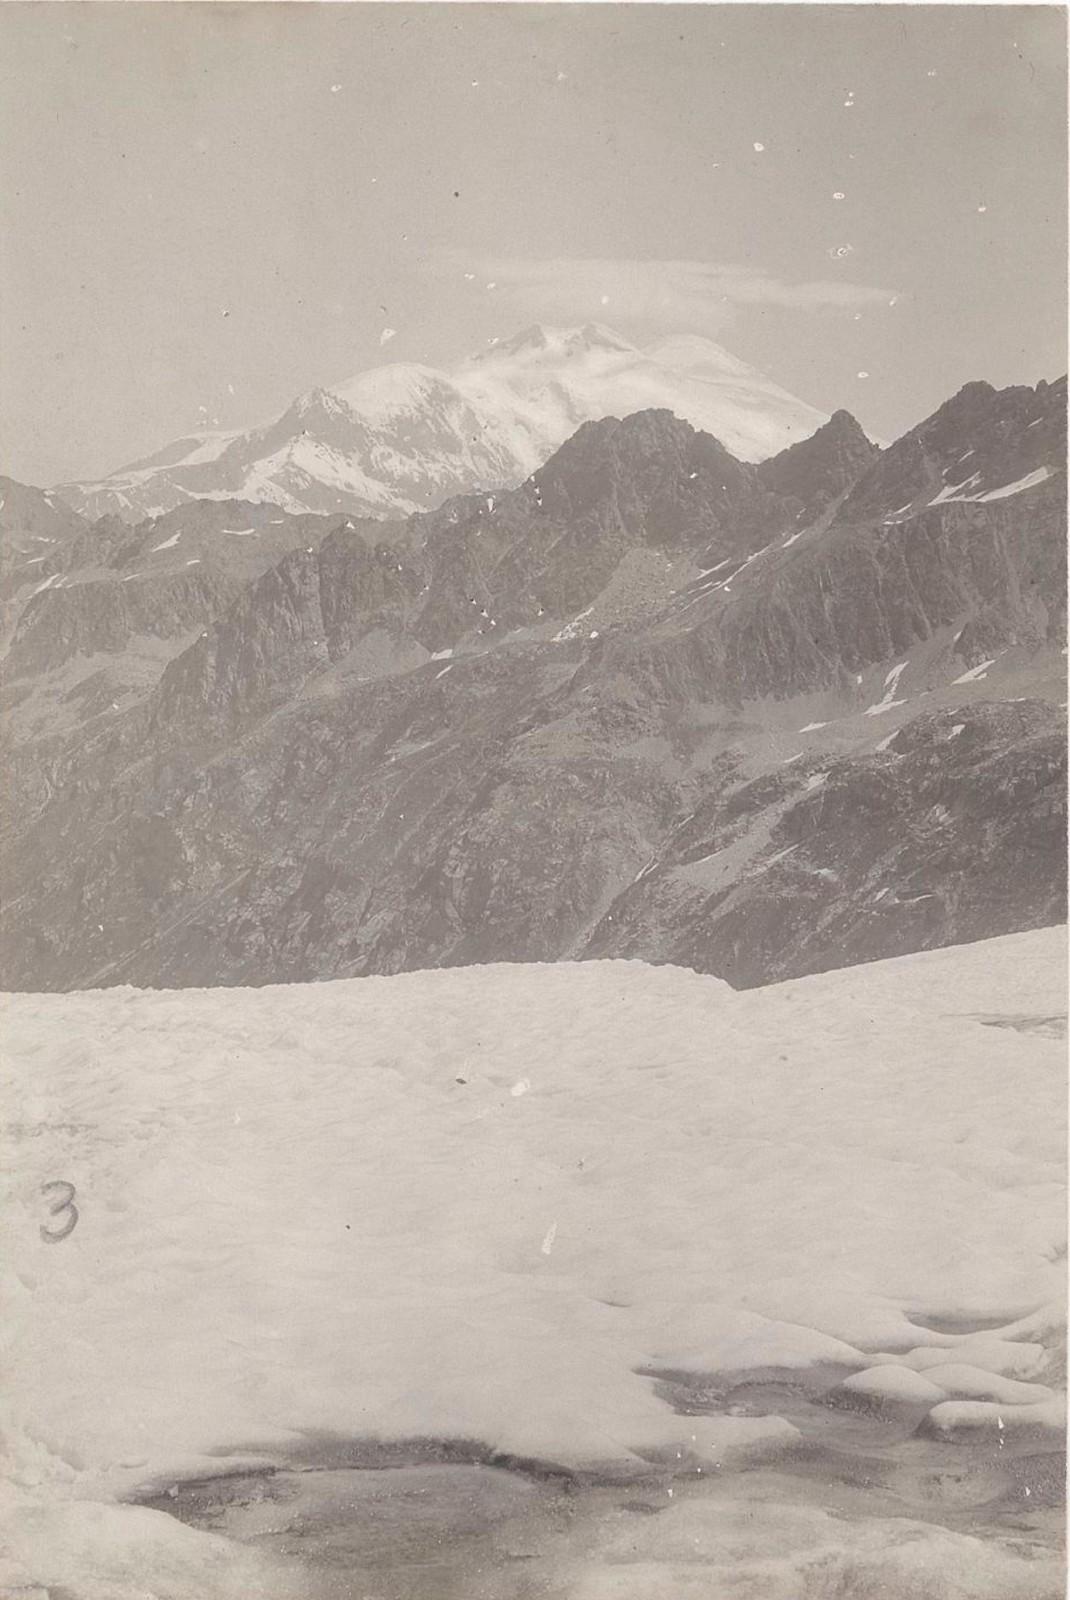 04. Западный Кавказ. Видны снежные склон Эльбруса. Июль 1898